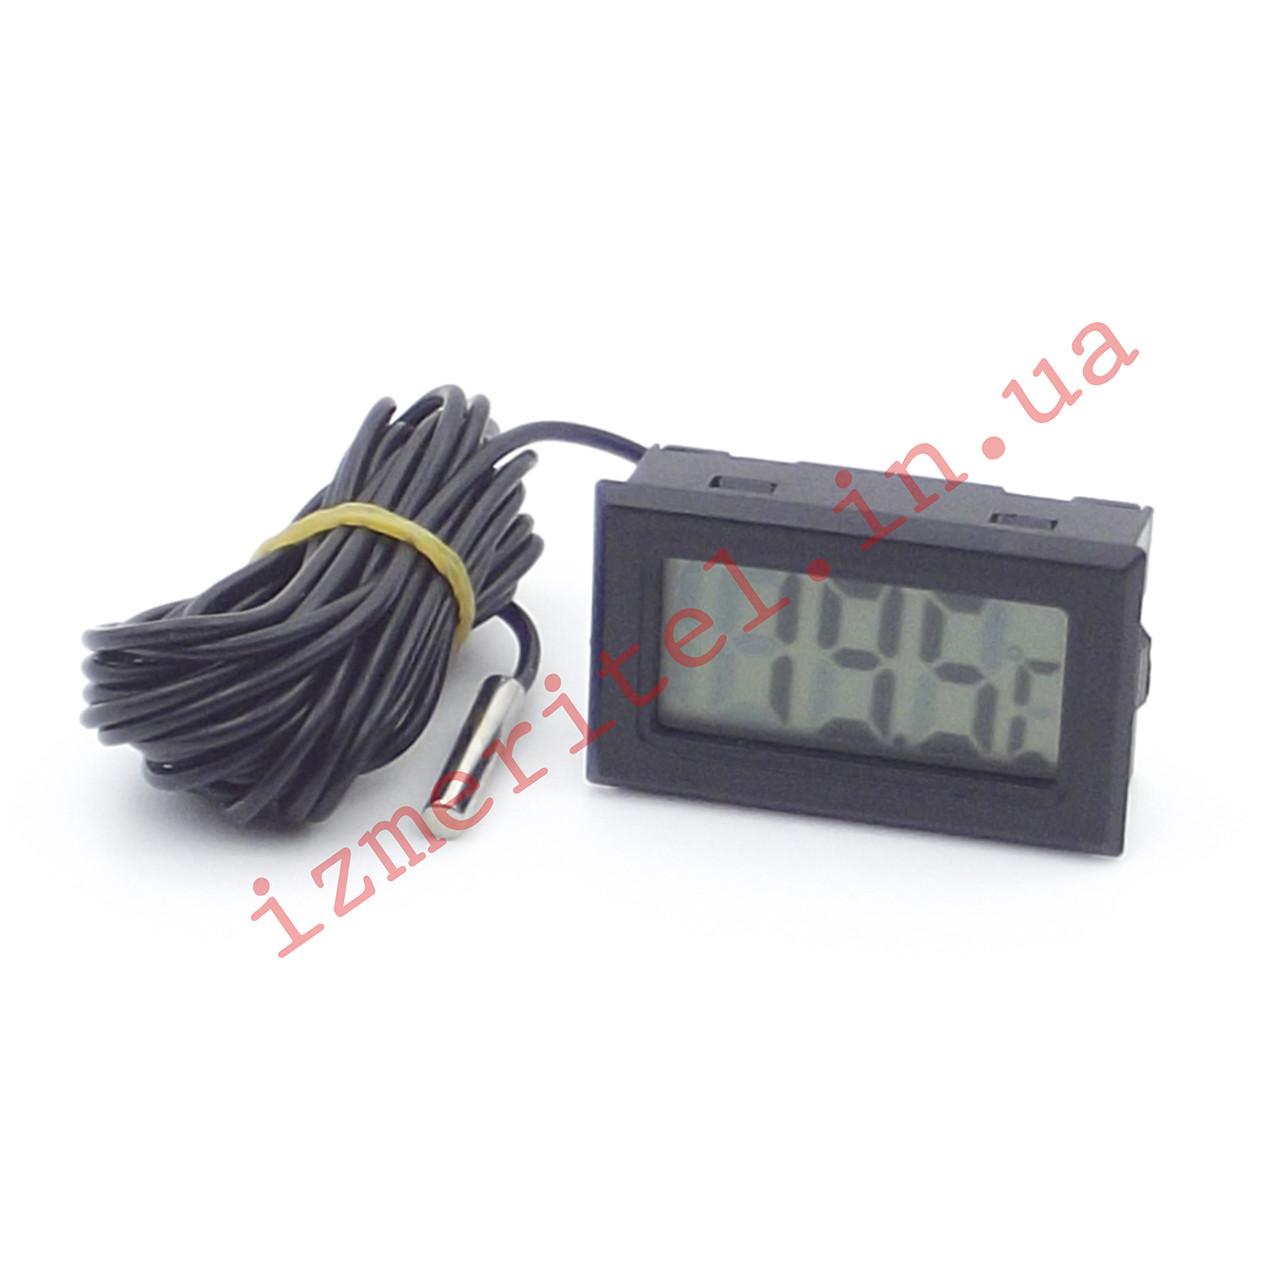 Цифровой термометр с выносным датчиком -50...+110 °С, 3 метра